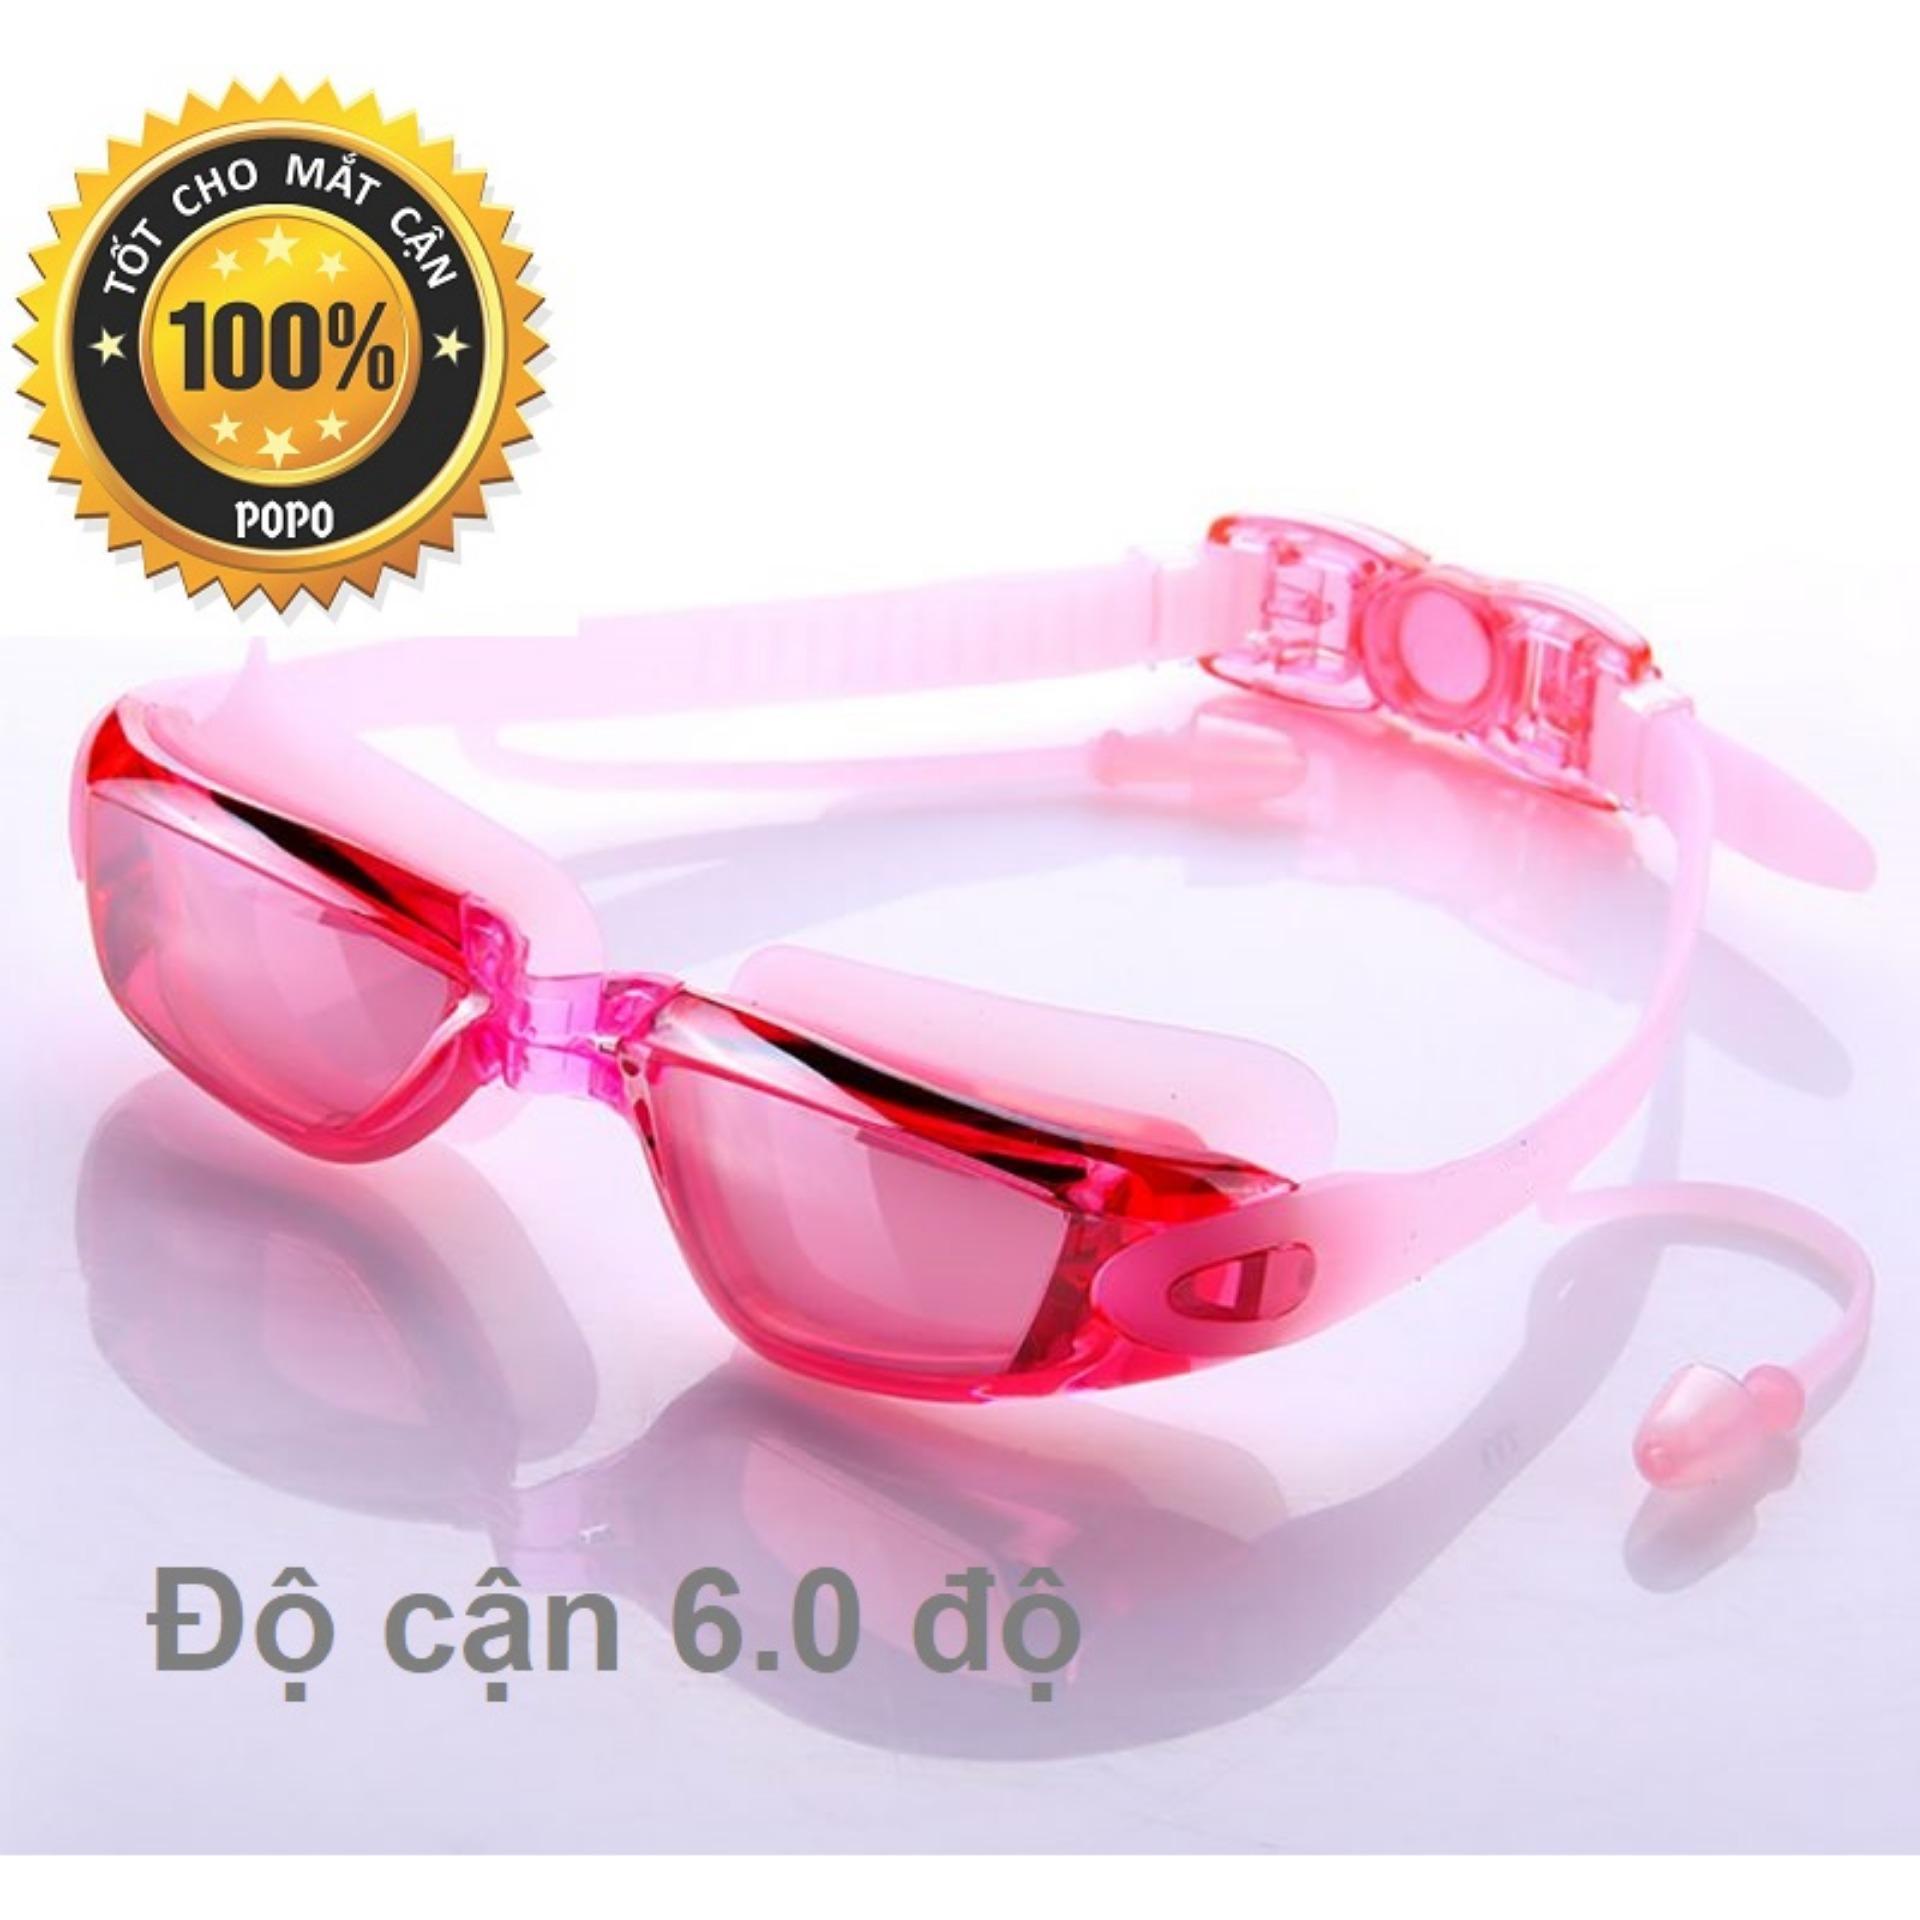 Kính bơi cận 1940 Hồng độ cận 6.0 độ có gắn nút bịt tai ngăn nước; mắt kính chống tia UV, kiểu dáng thời trang